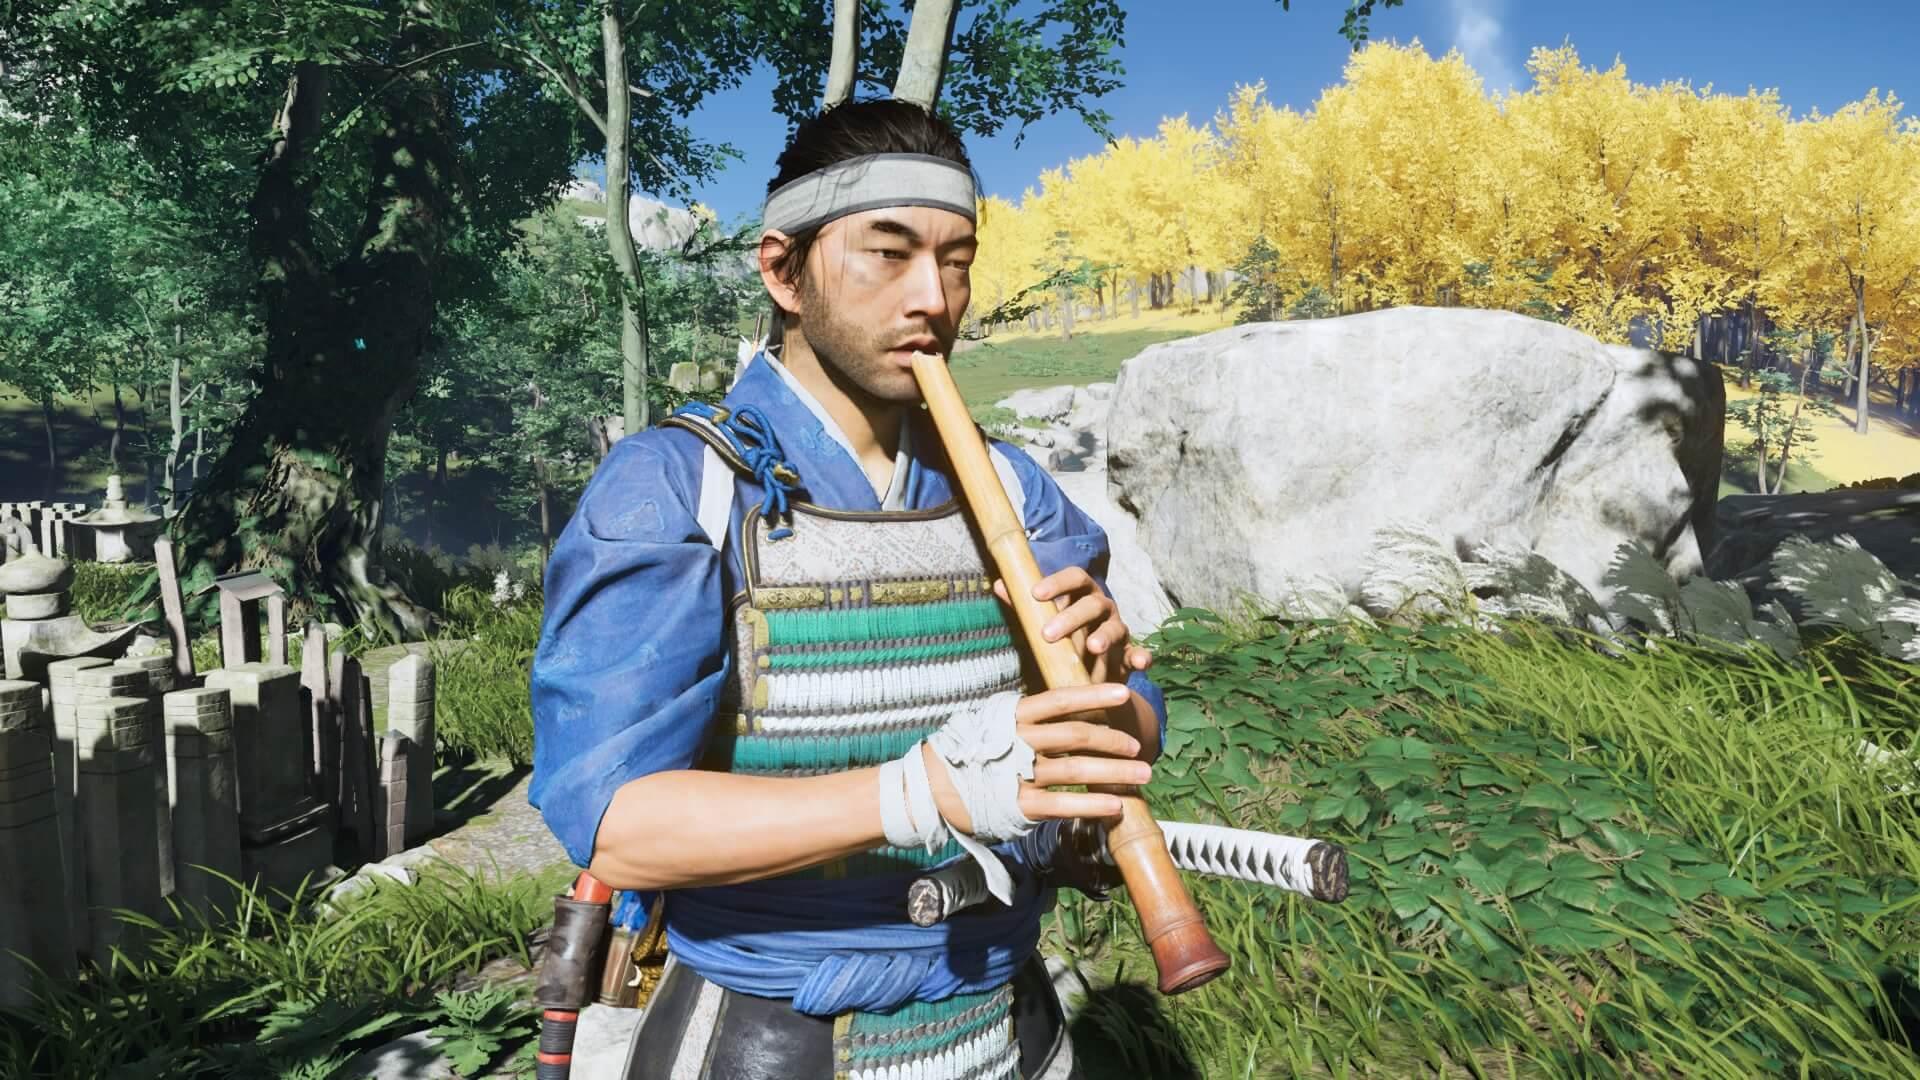 ゴーストオブツシマ:笛を吹く意味とは?